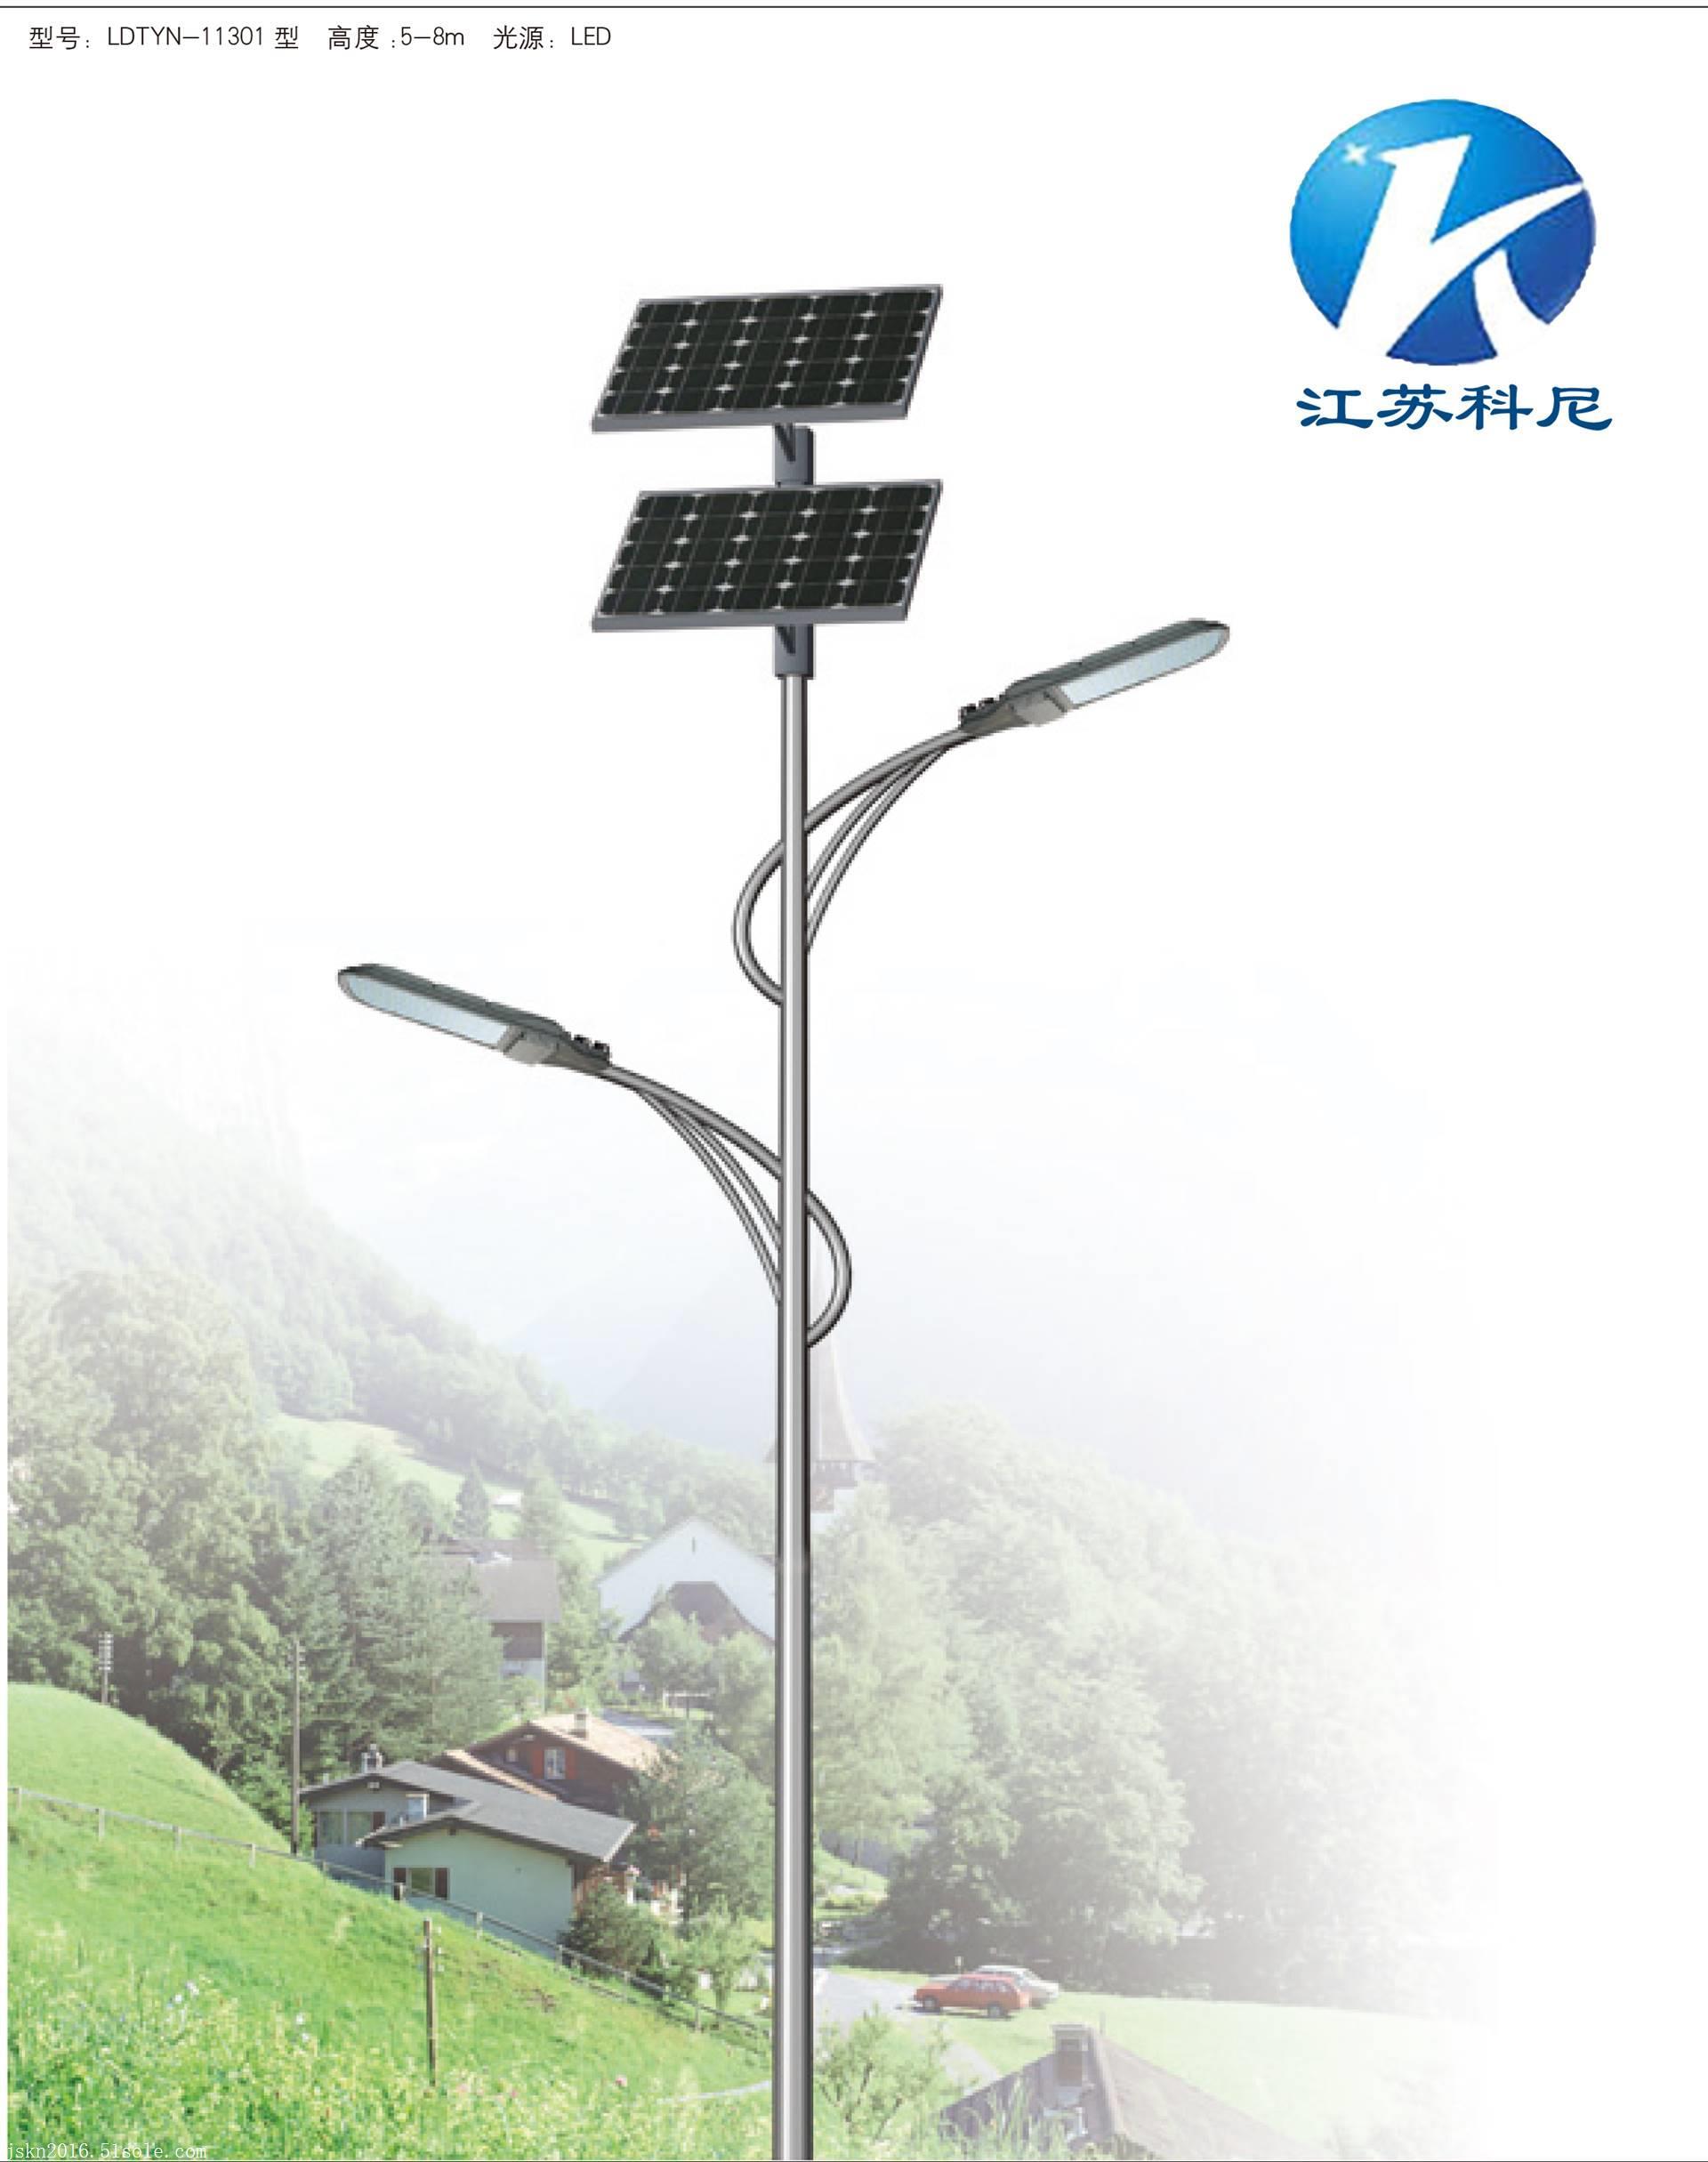 南宁美丽新农村LED太阳能灯 柳州太阳能路灯